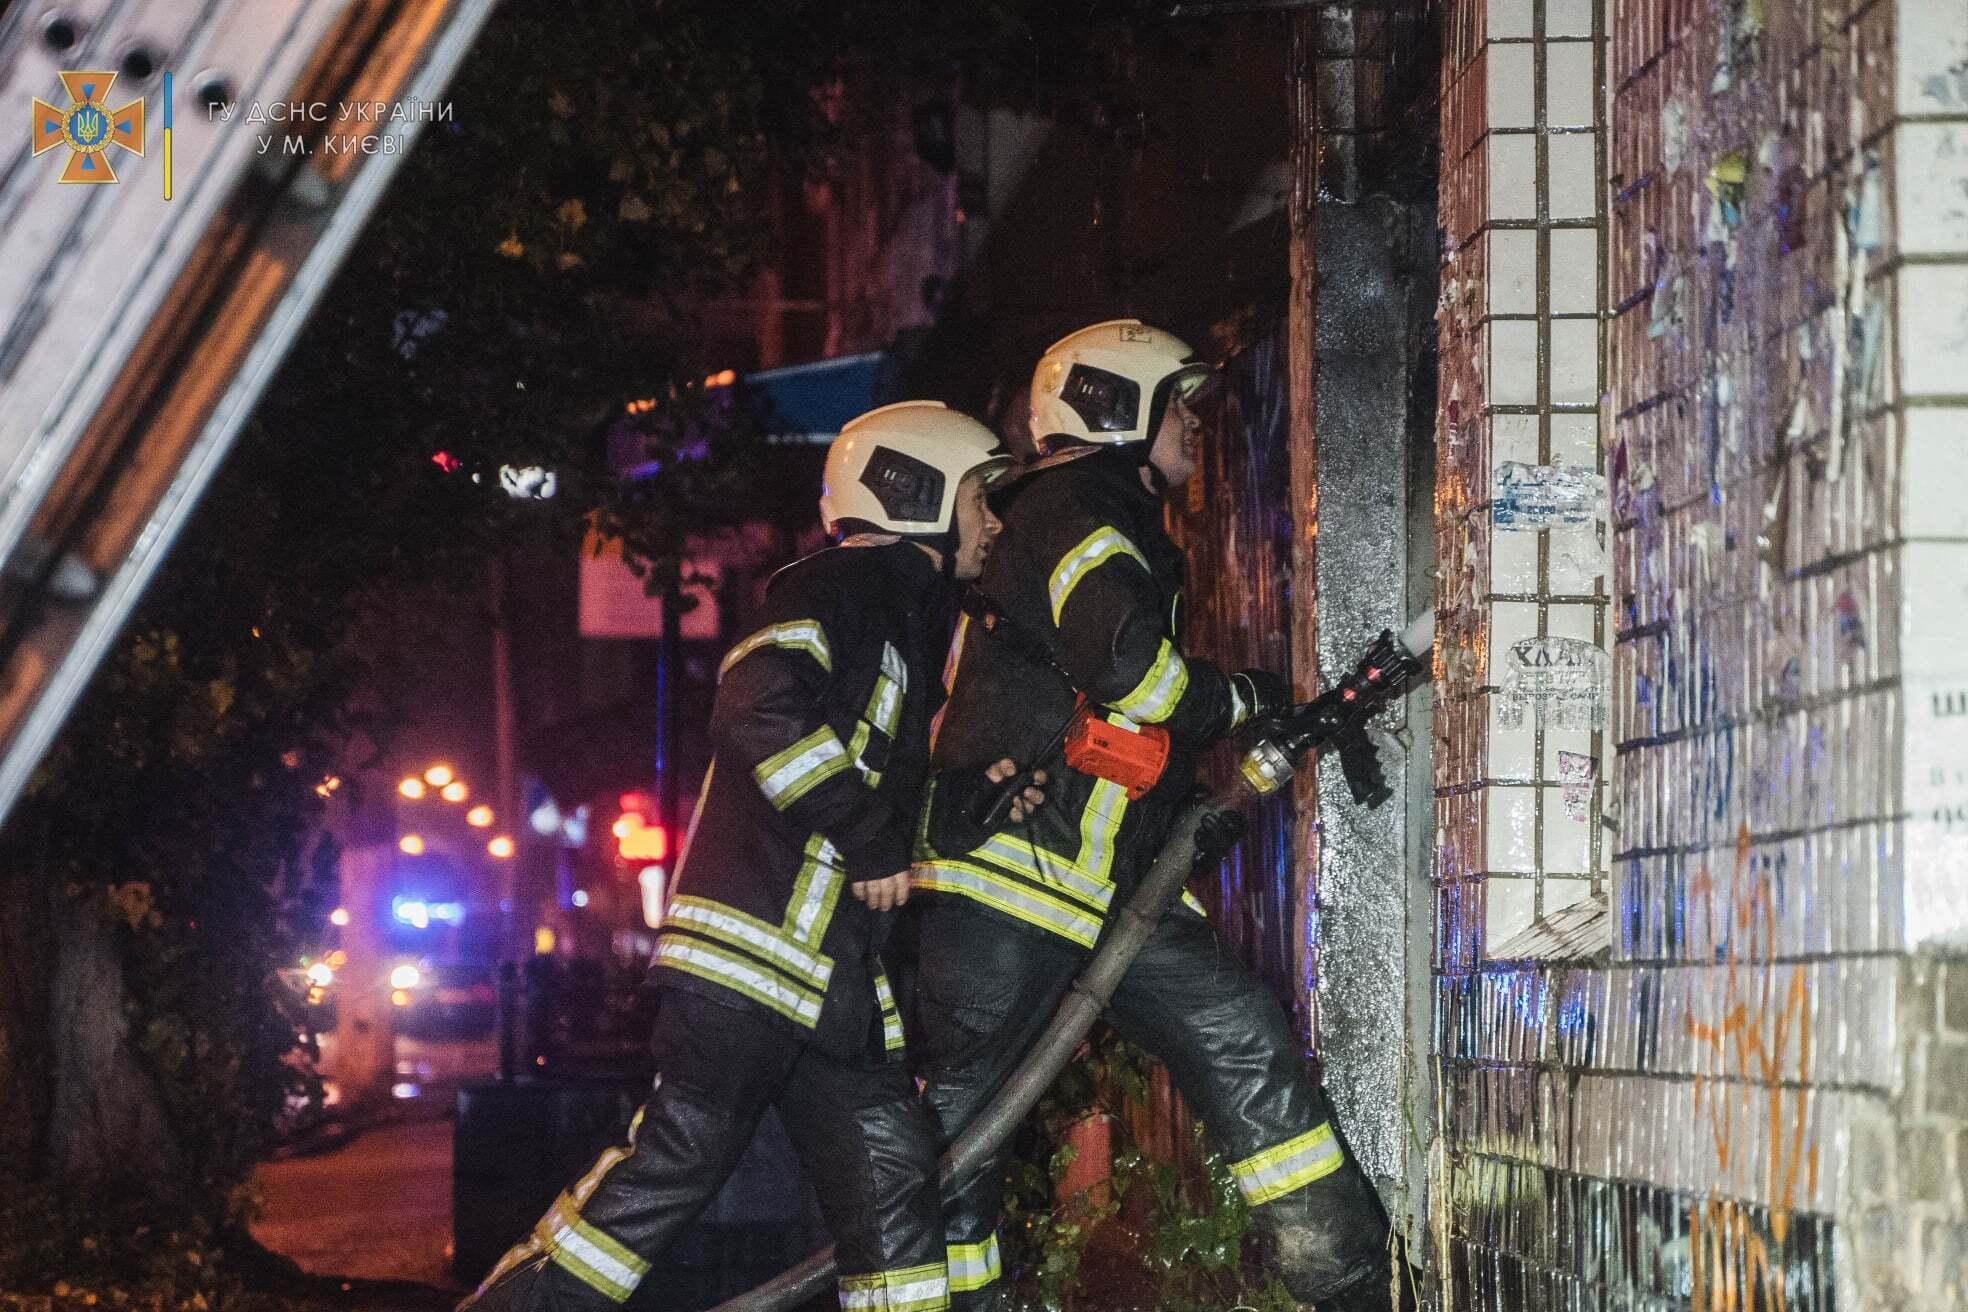 Причины возникновения пожара установит следствие.